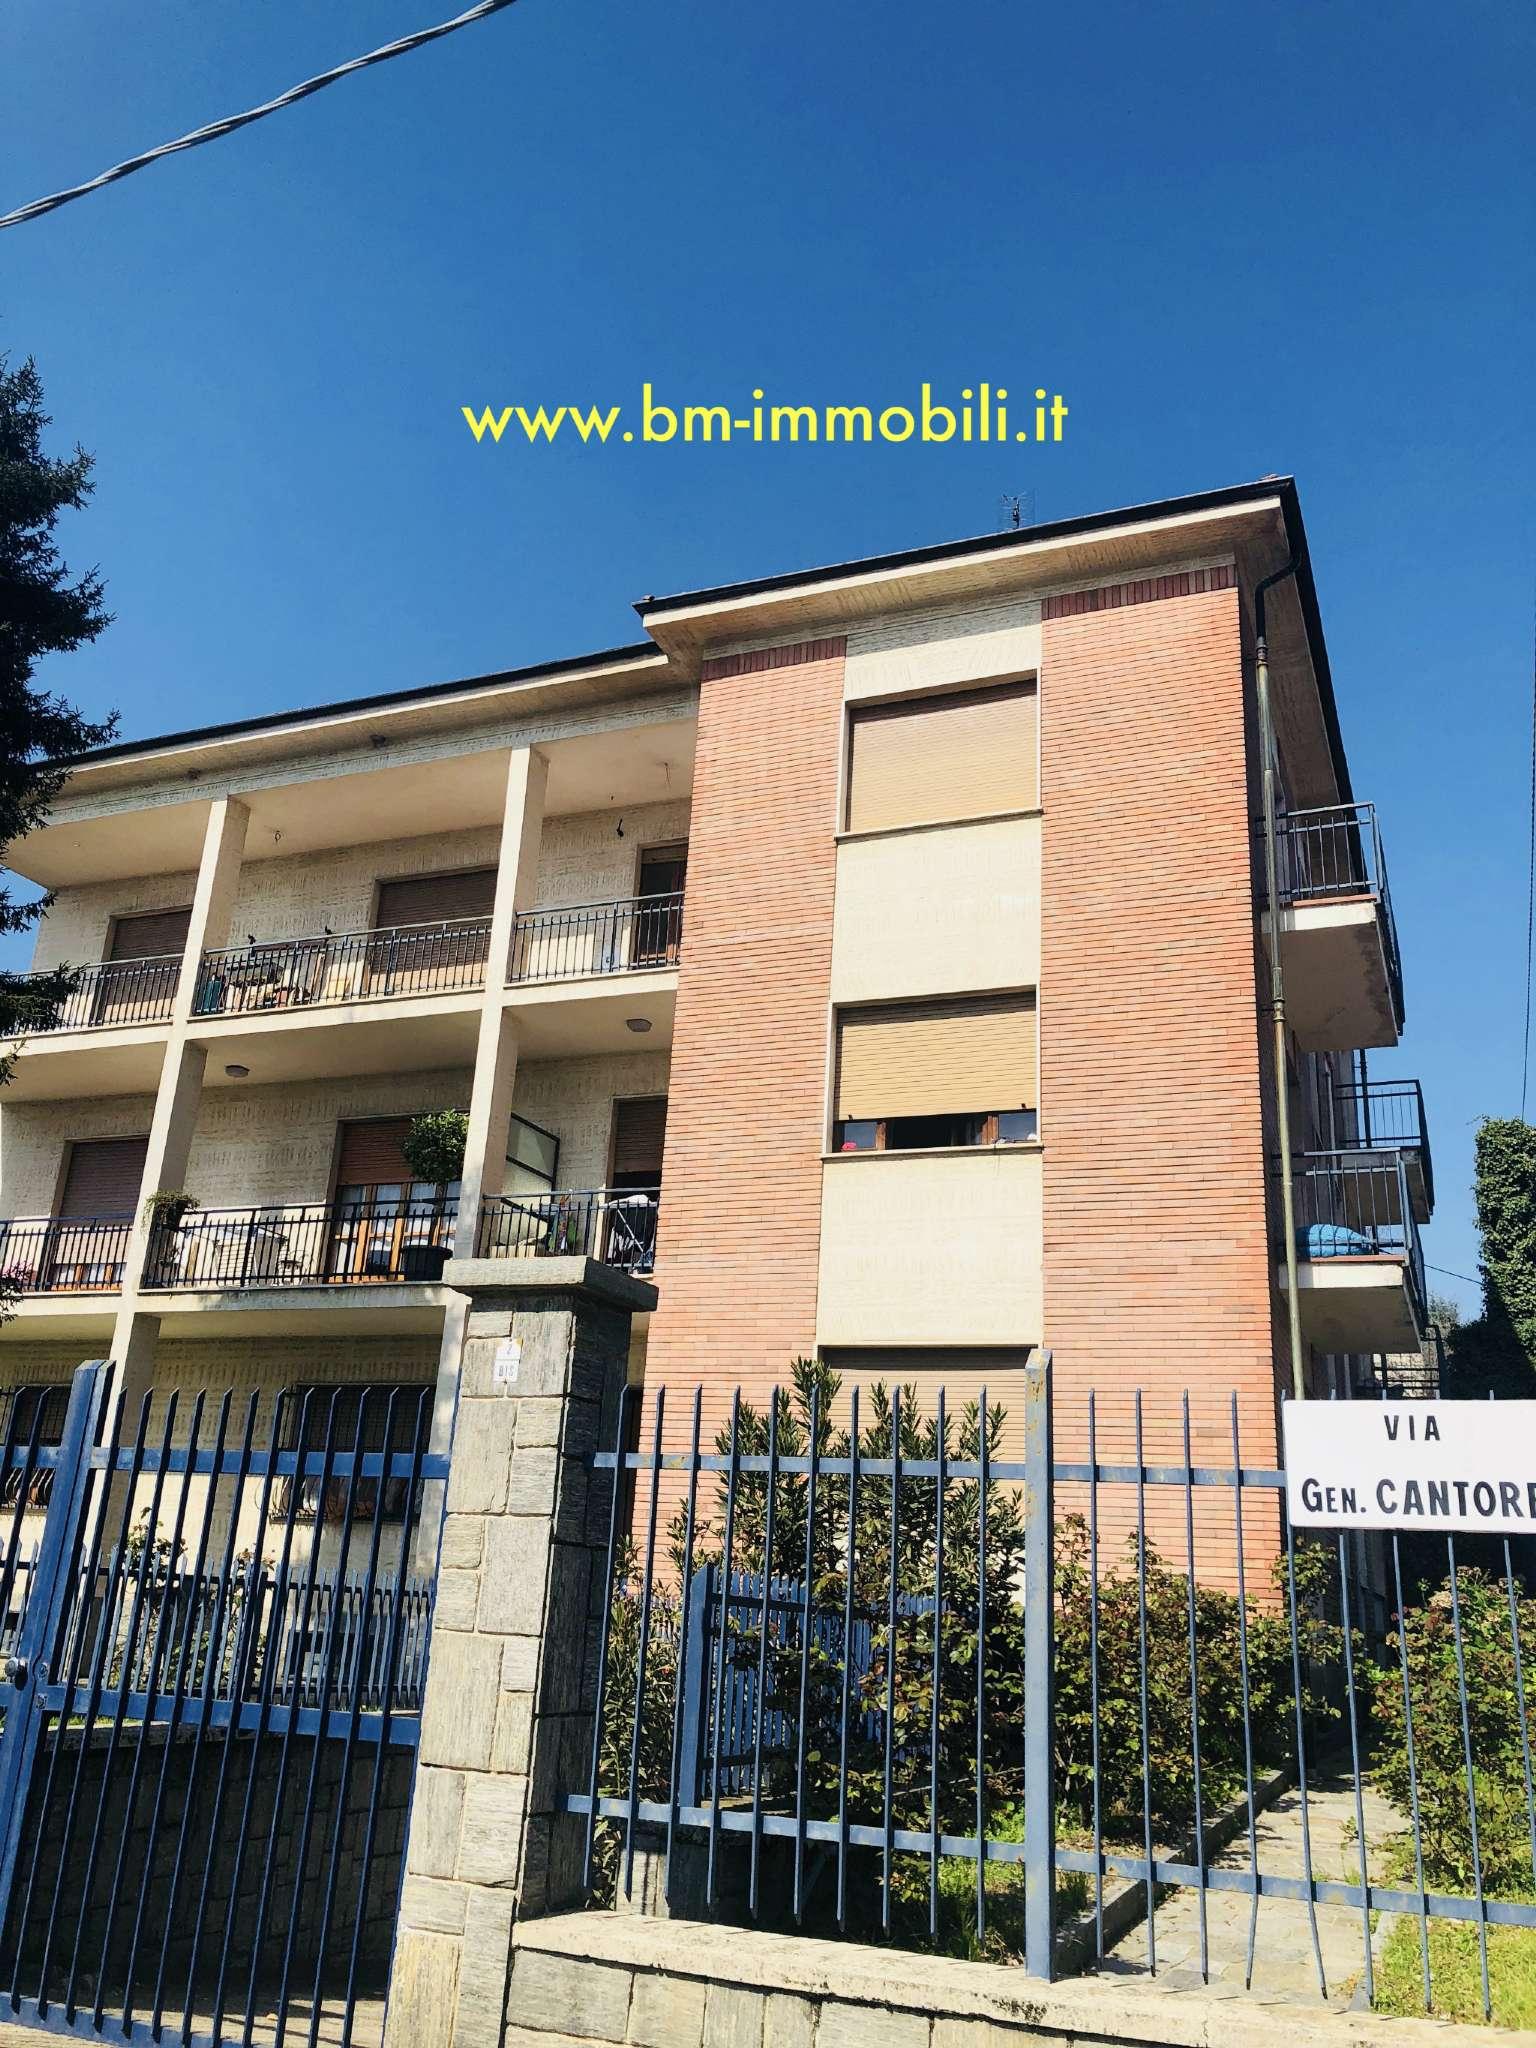 Appartamento in affitto via generale cantore 2 Rivoli